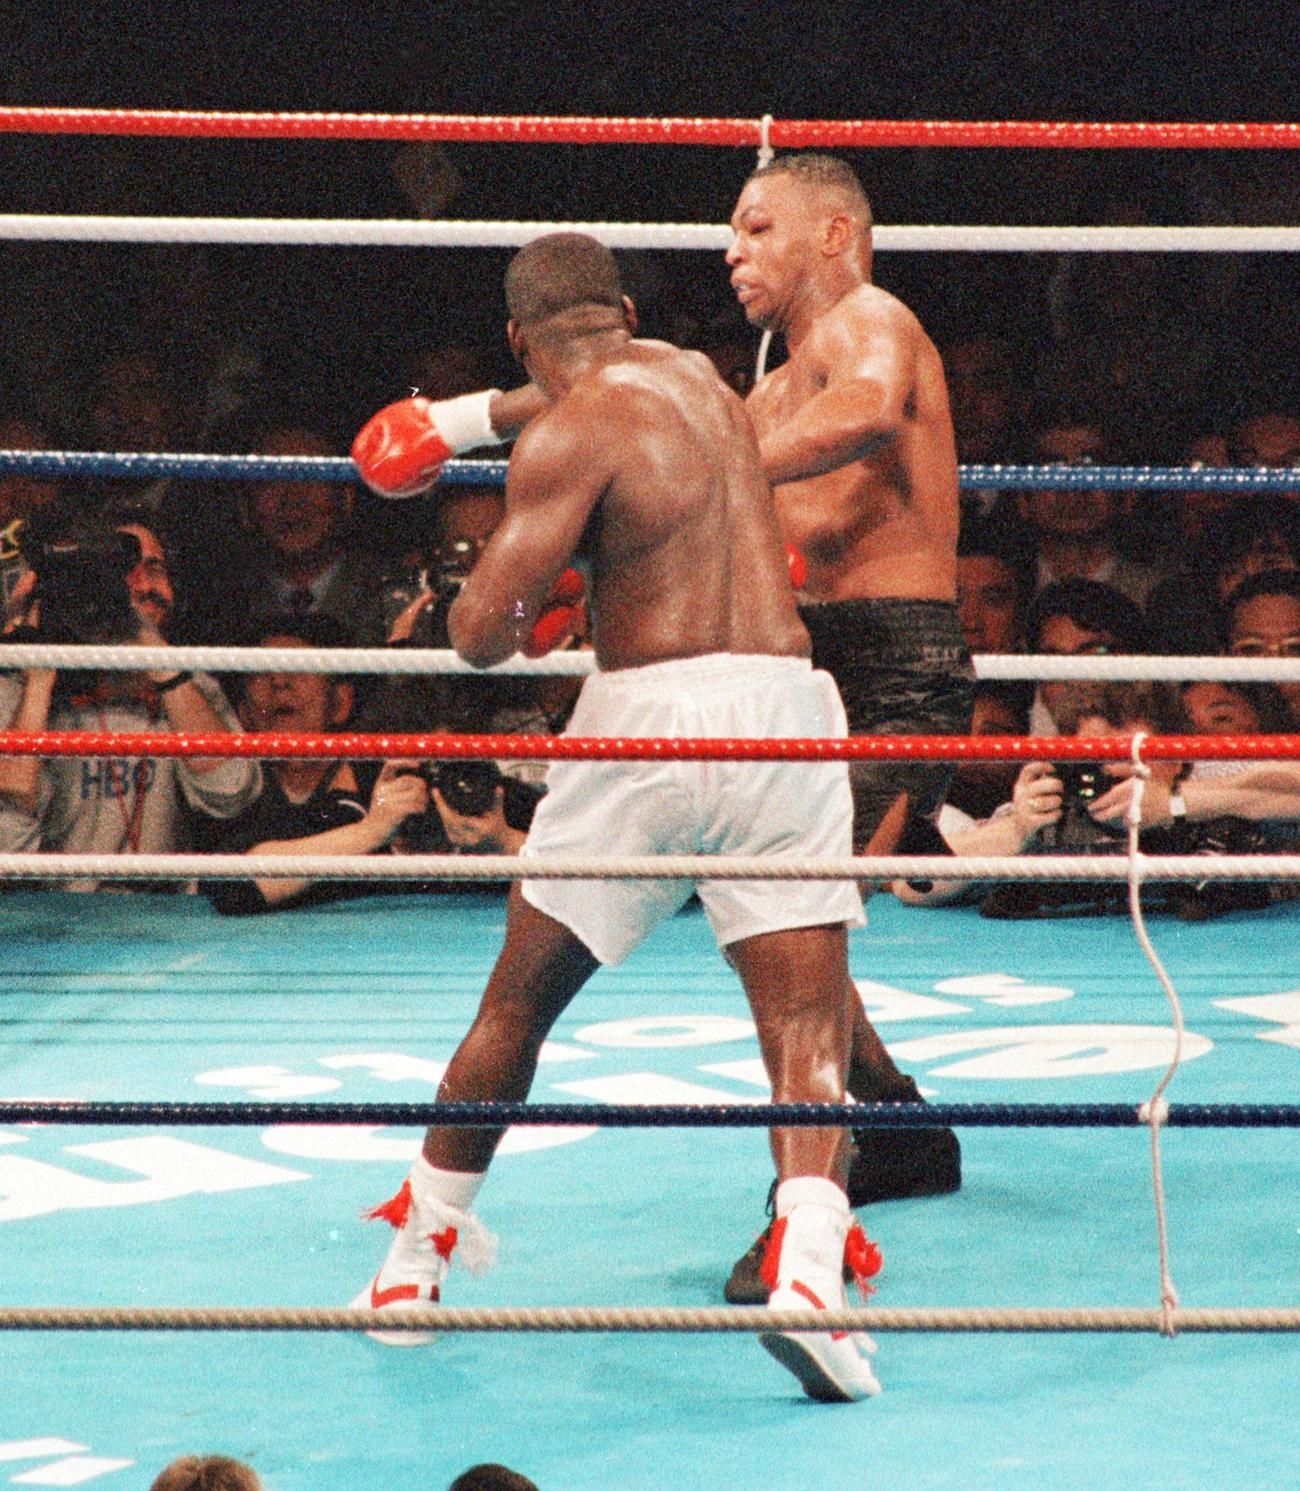 WBA・IBF・WBC世界ヘビー級タイトルマッチ マイク・タイソン対ジェームス・ダグラス 10回、ジャームス・ダグラス(手前)の右フックを浴びバランスを崩すマイク・タイソン(1990年2月11日撮影)